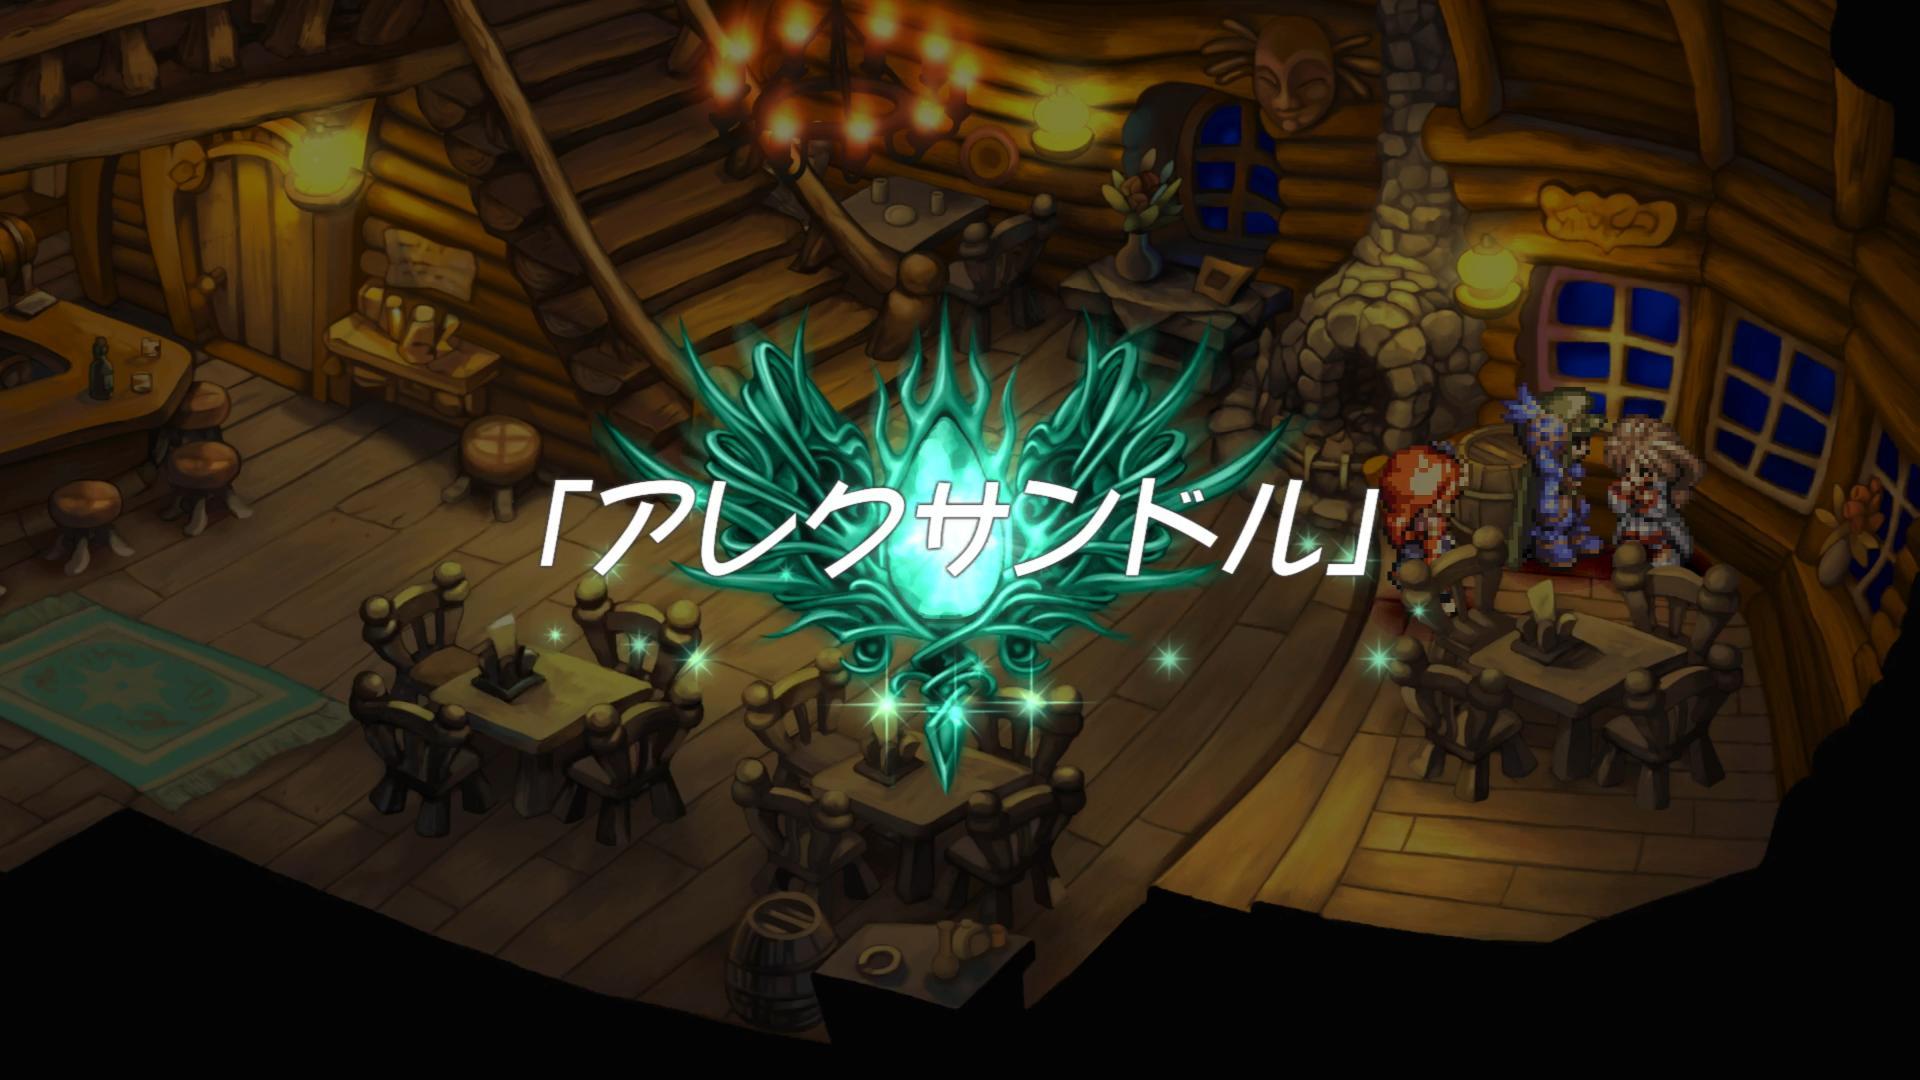 Legend-of-Mana-Remaster-9.jpg?ssl=1